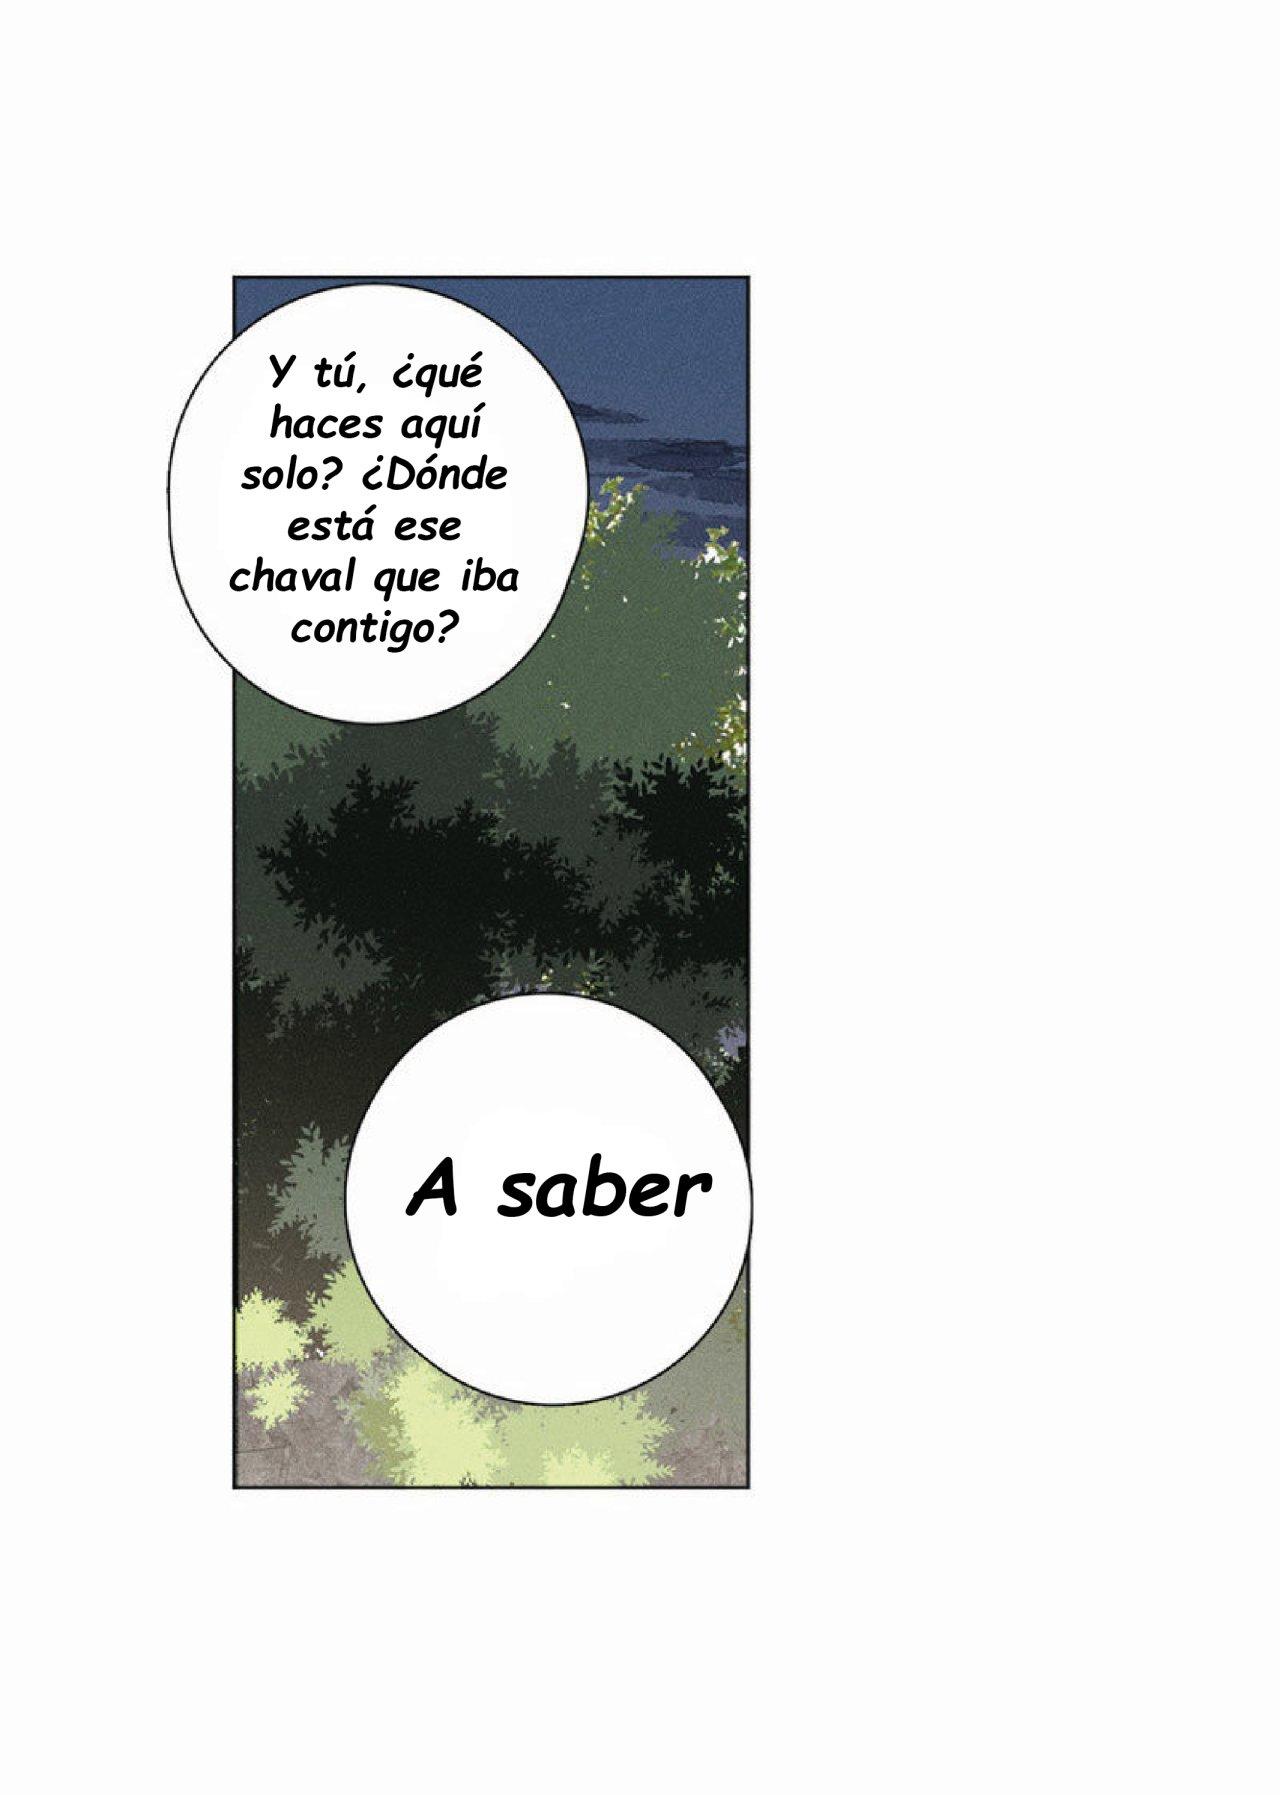 https://nine.mangadogs.com/es_manga/pic8/29/24925/957375/a533c972790b0fd1e9e6cbd0e289098e.jpg Page 5